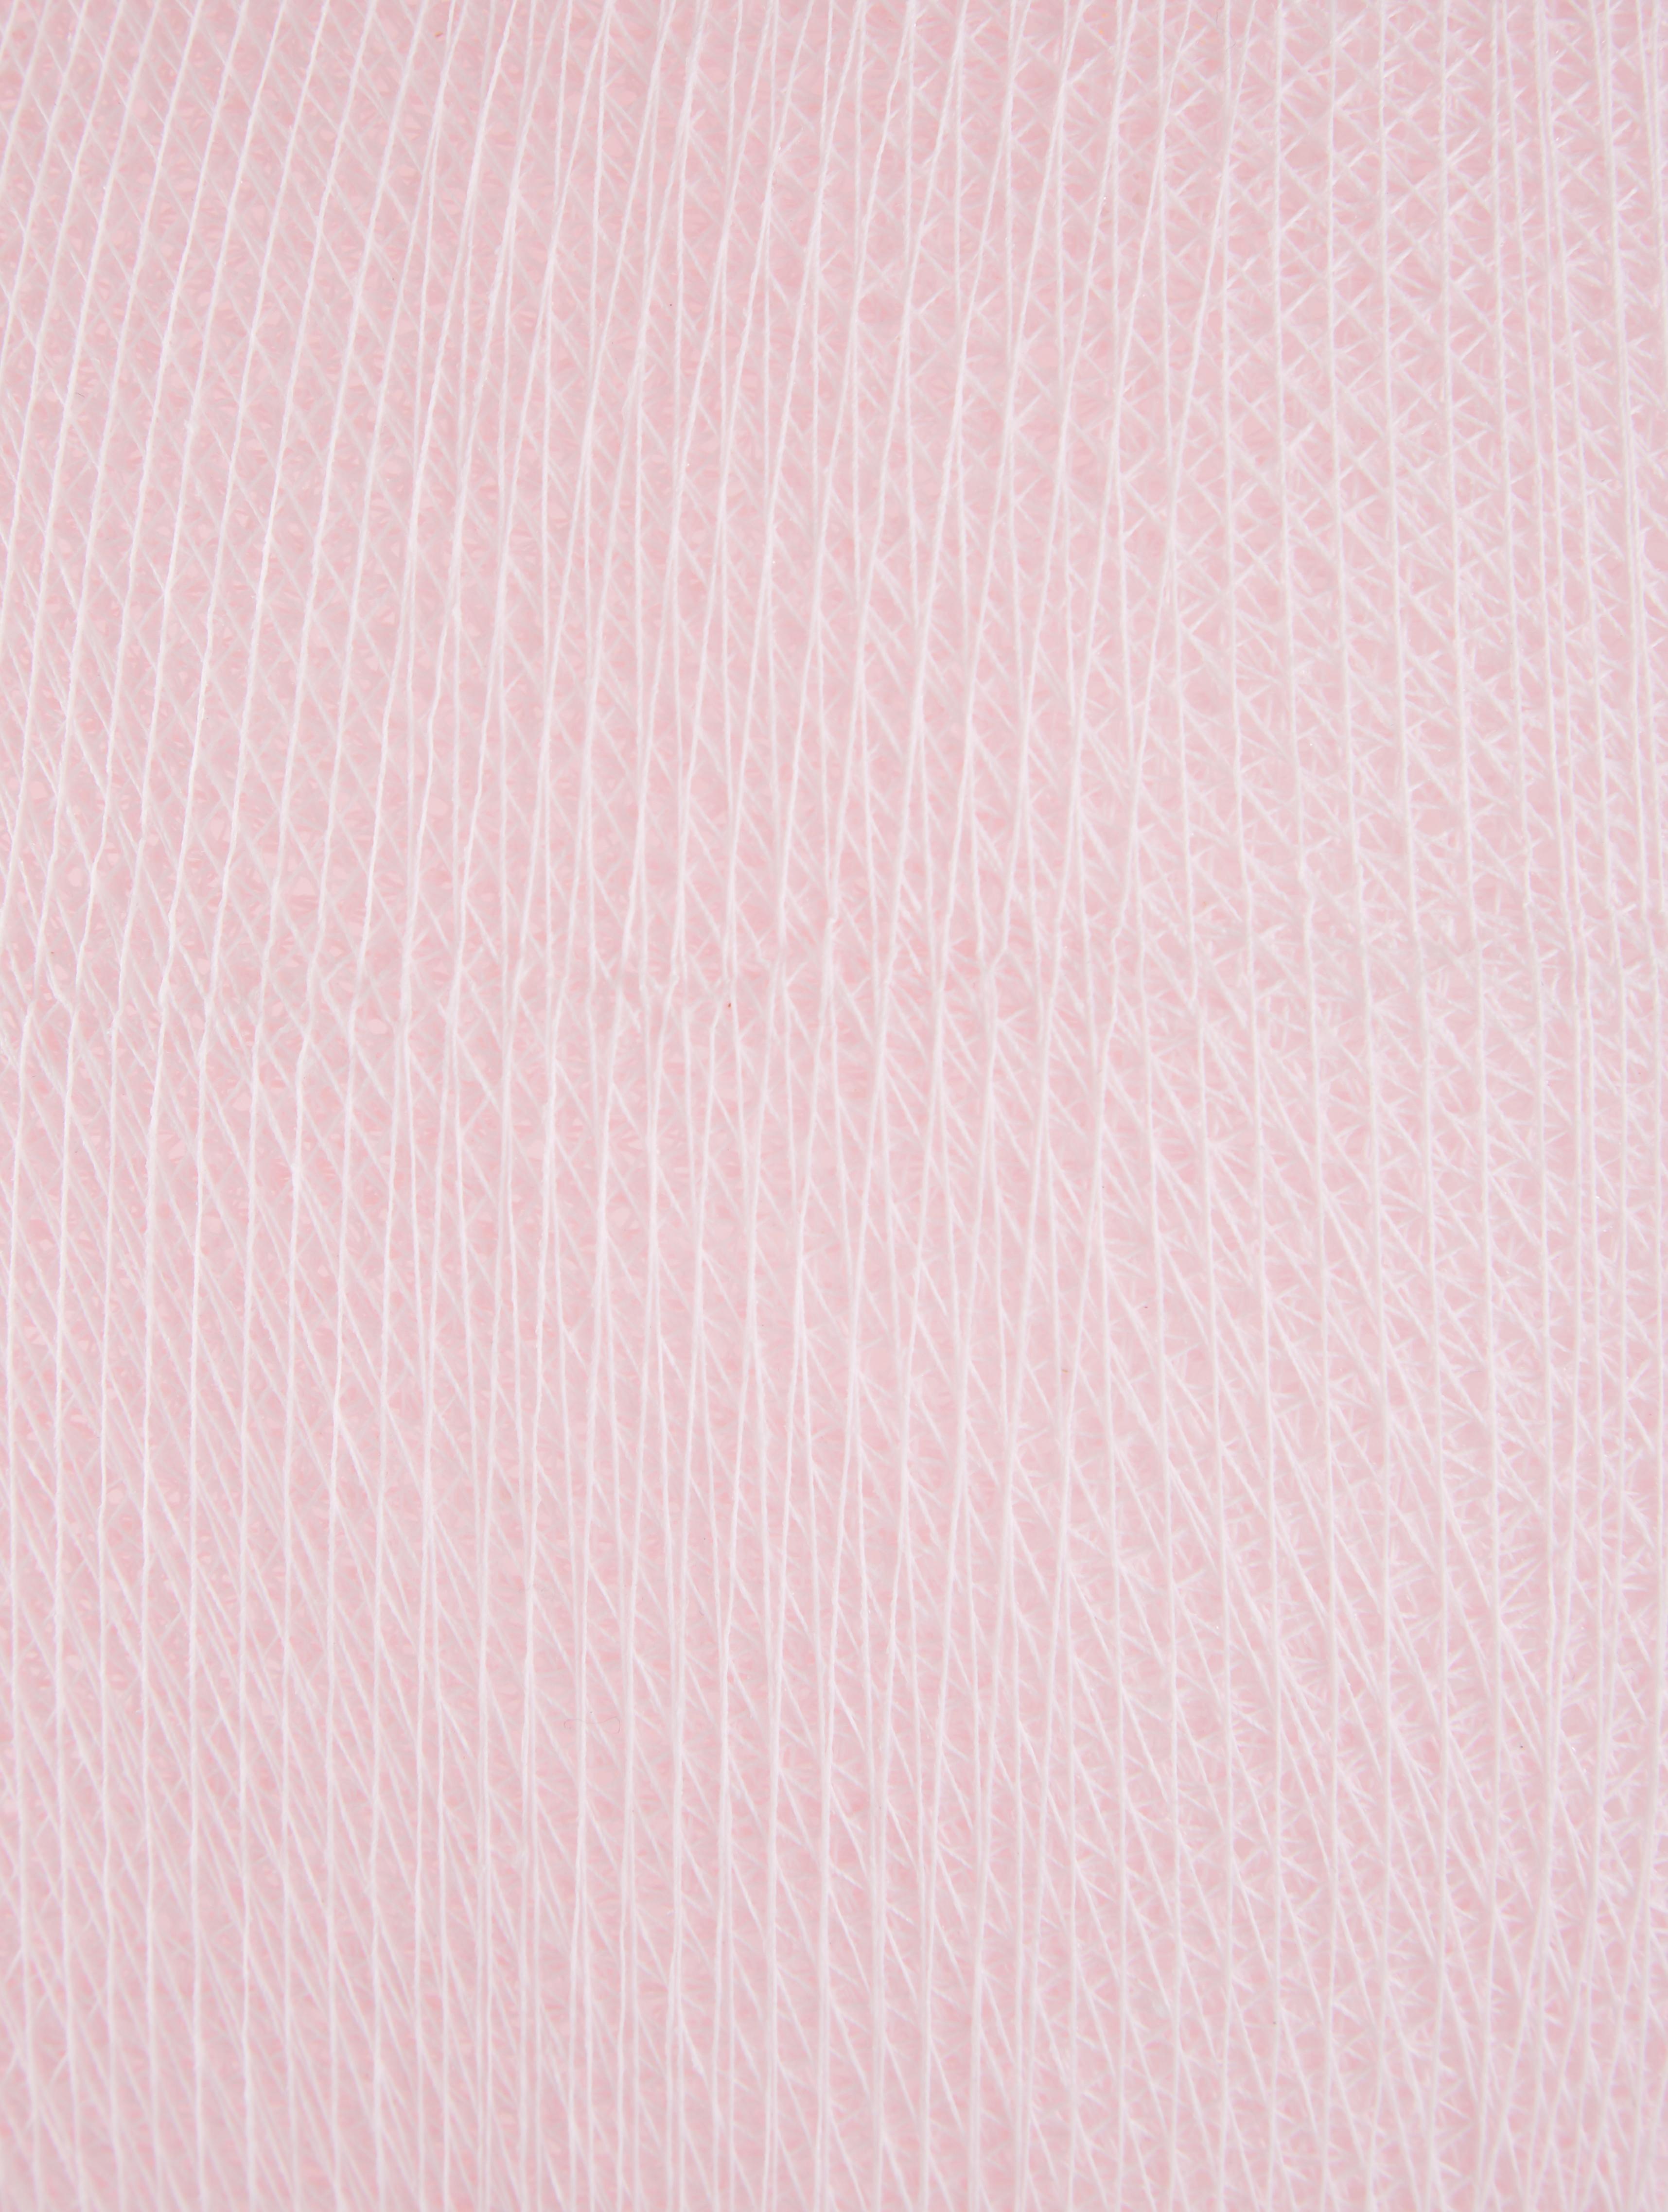 Lampada a sospensione Colorain, Rosa chiaro, Ø 41 x Alt. 135 cm